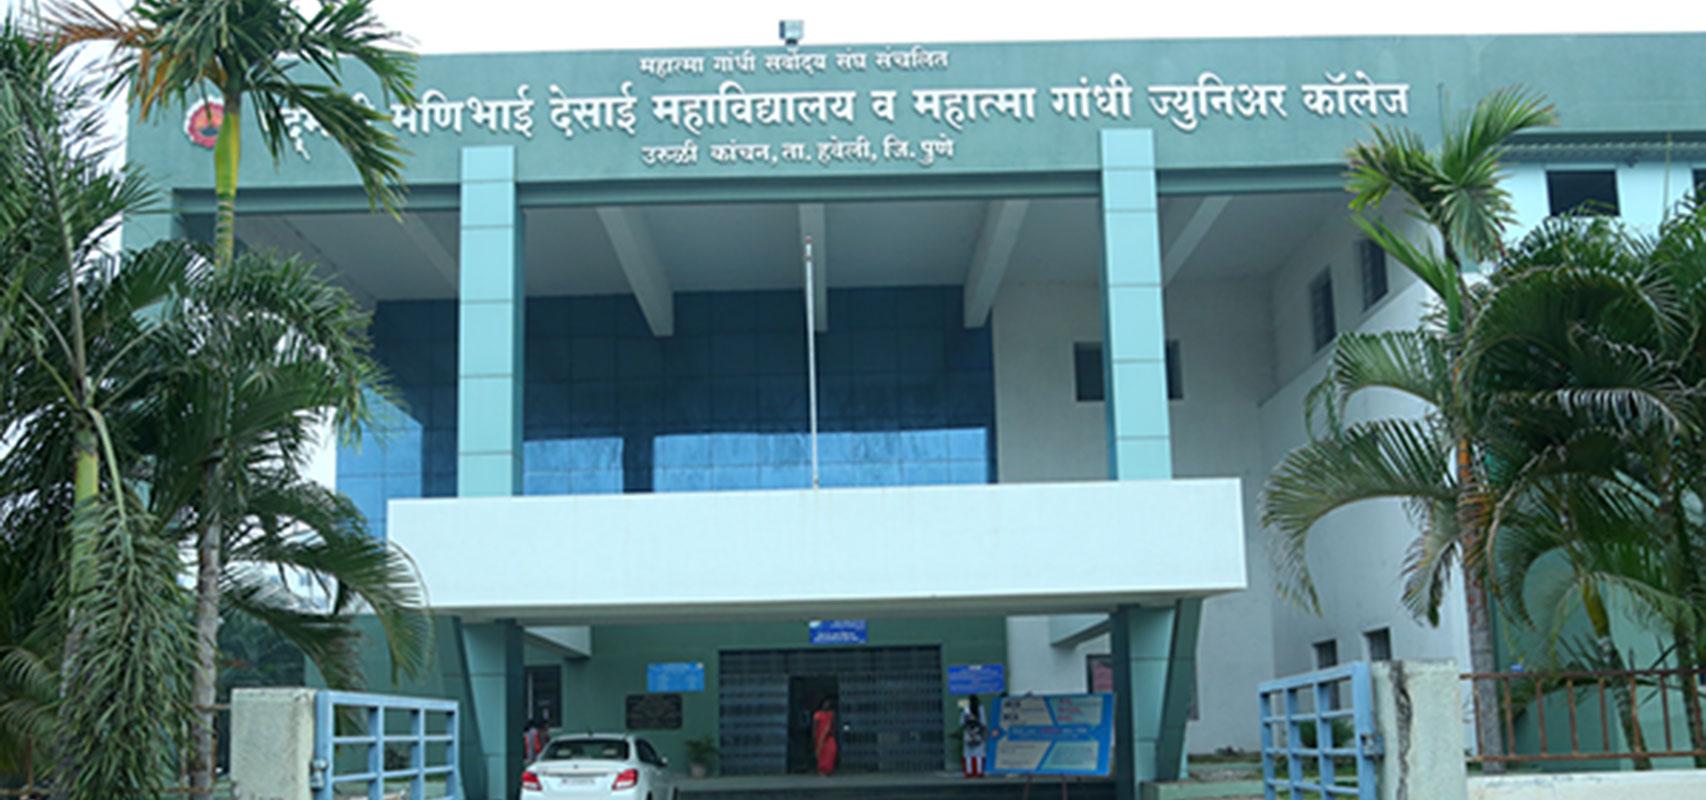 Our Institute